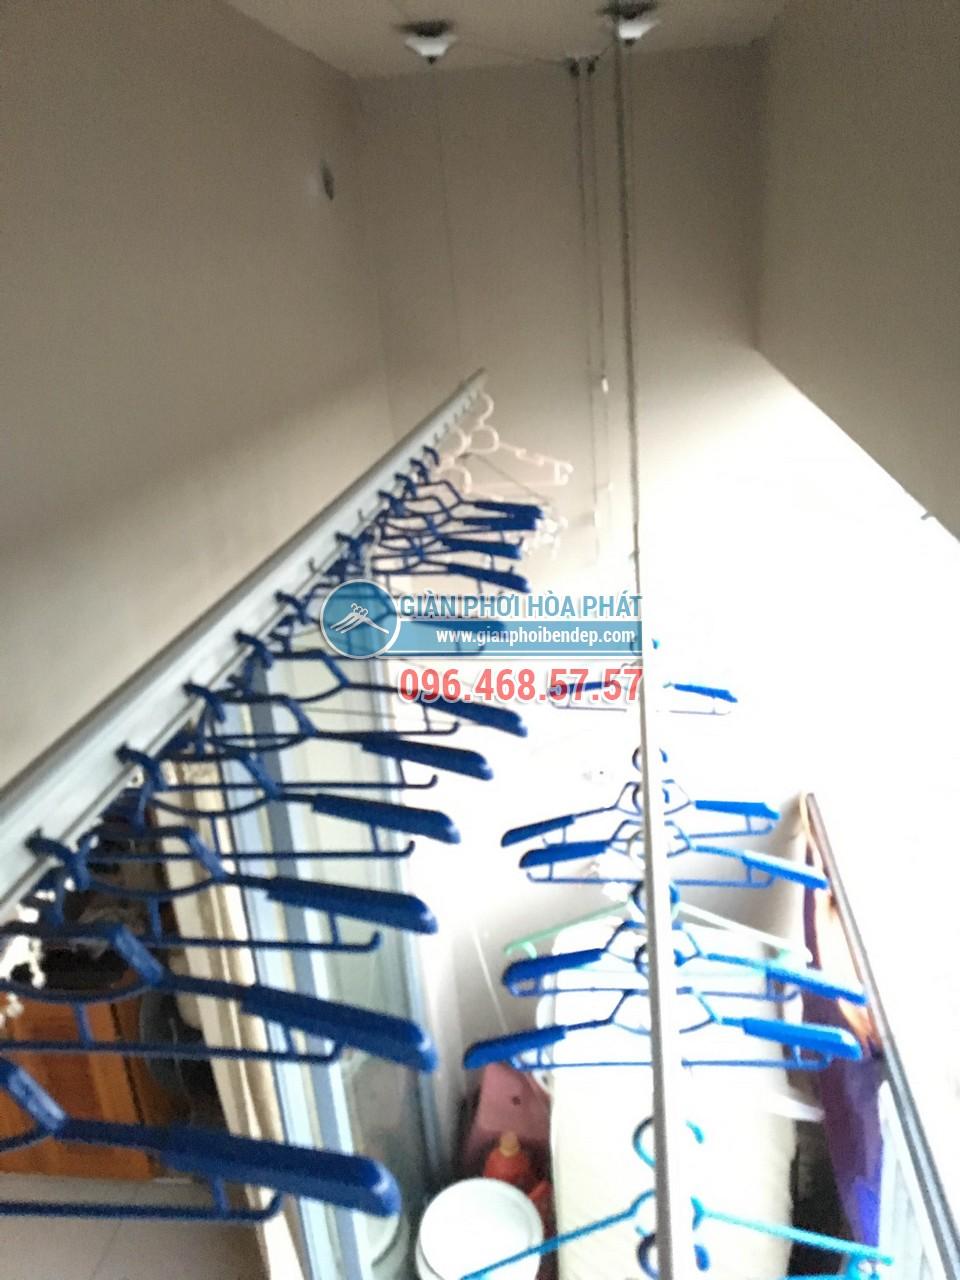 Mở rộng ban công chặt hẹp nhờ lắp đặt sử dụng giàn phơi thông minh - 02